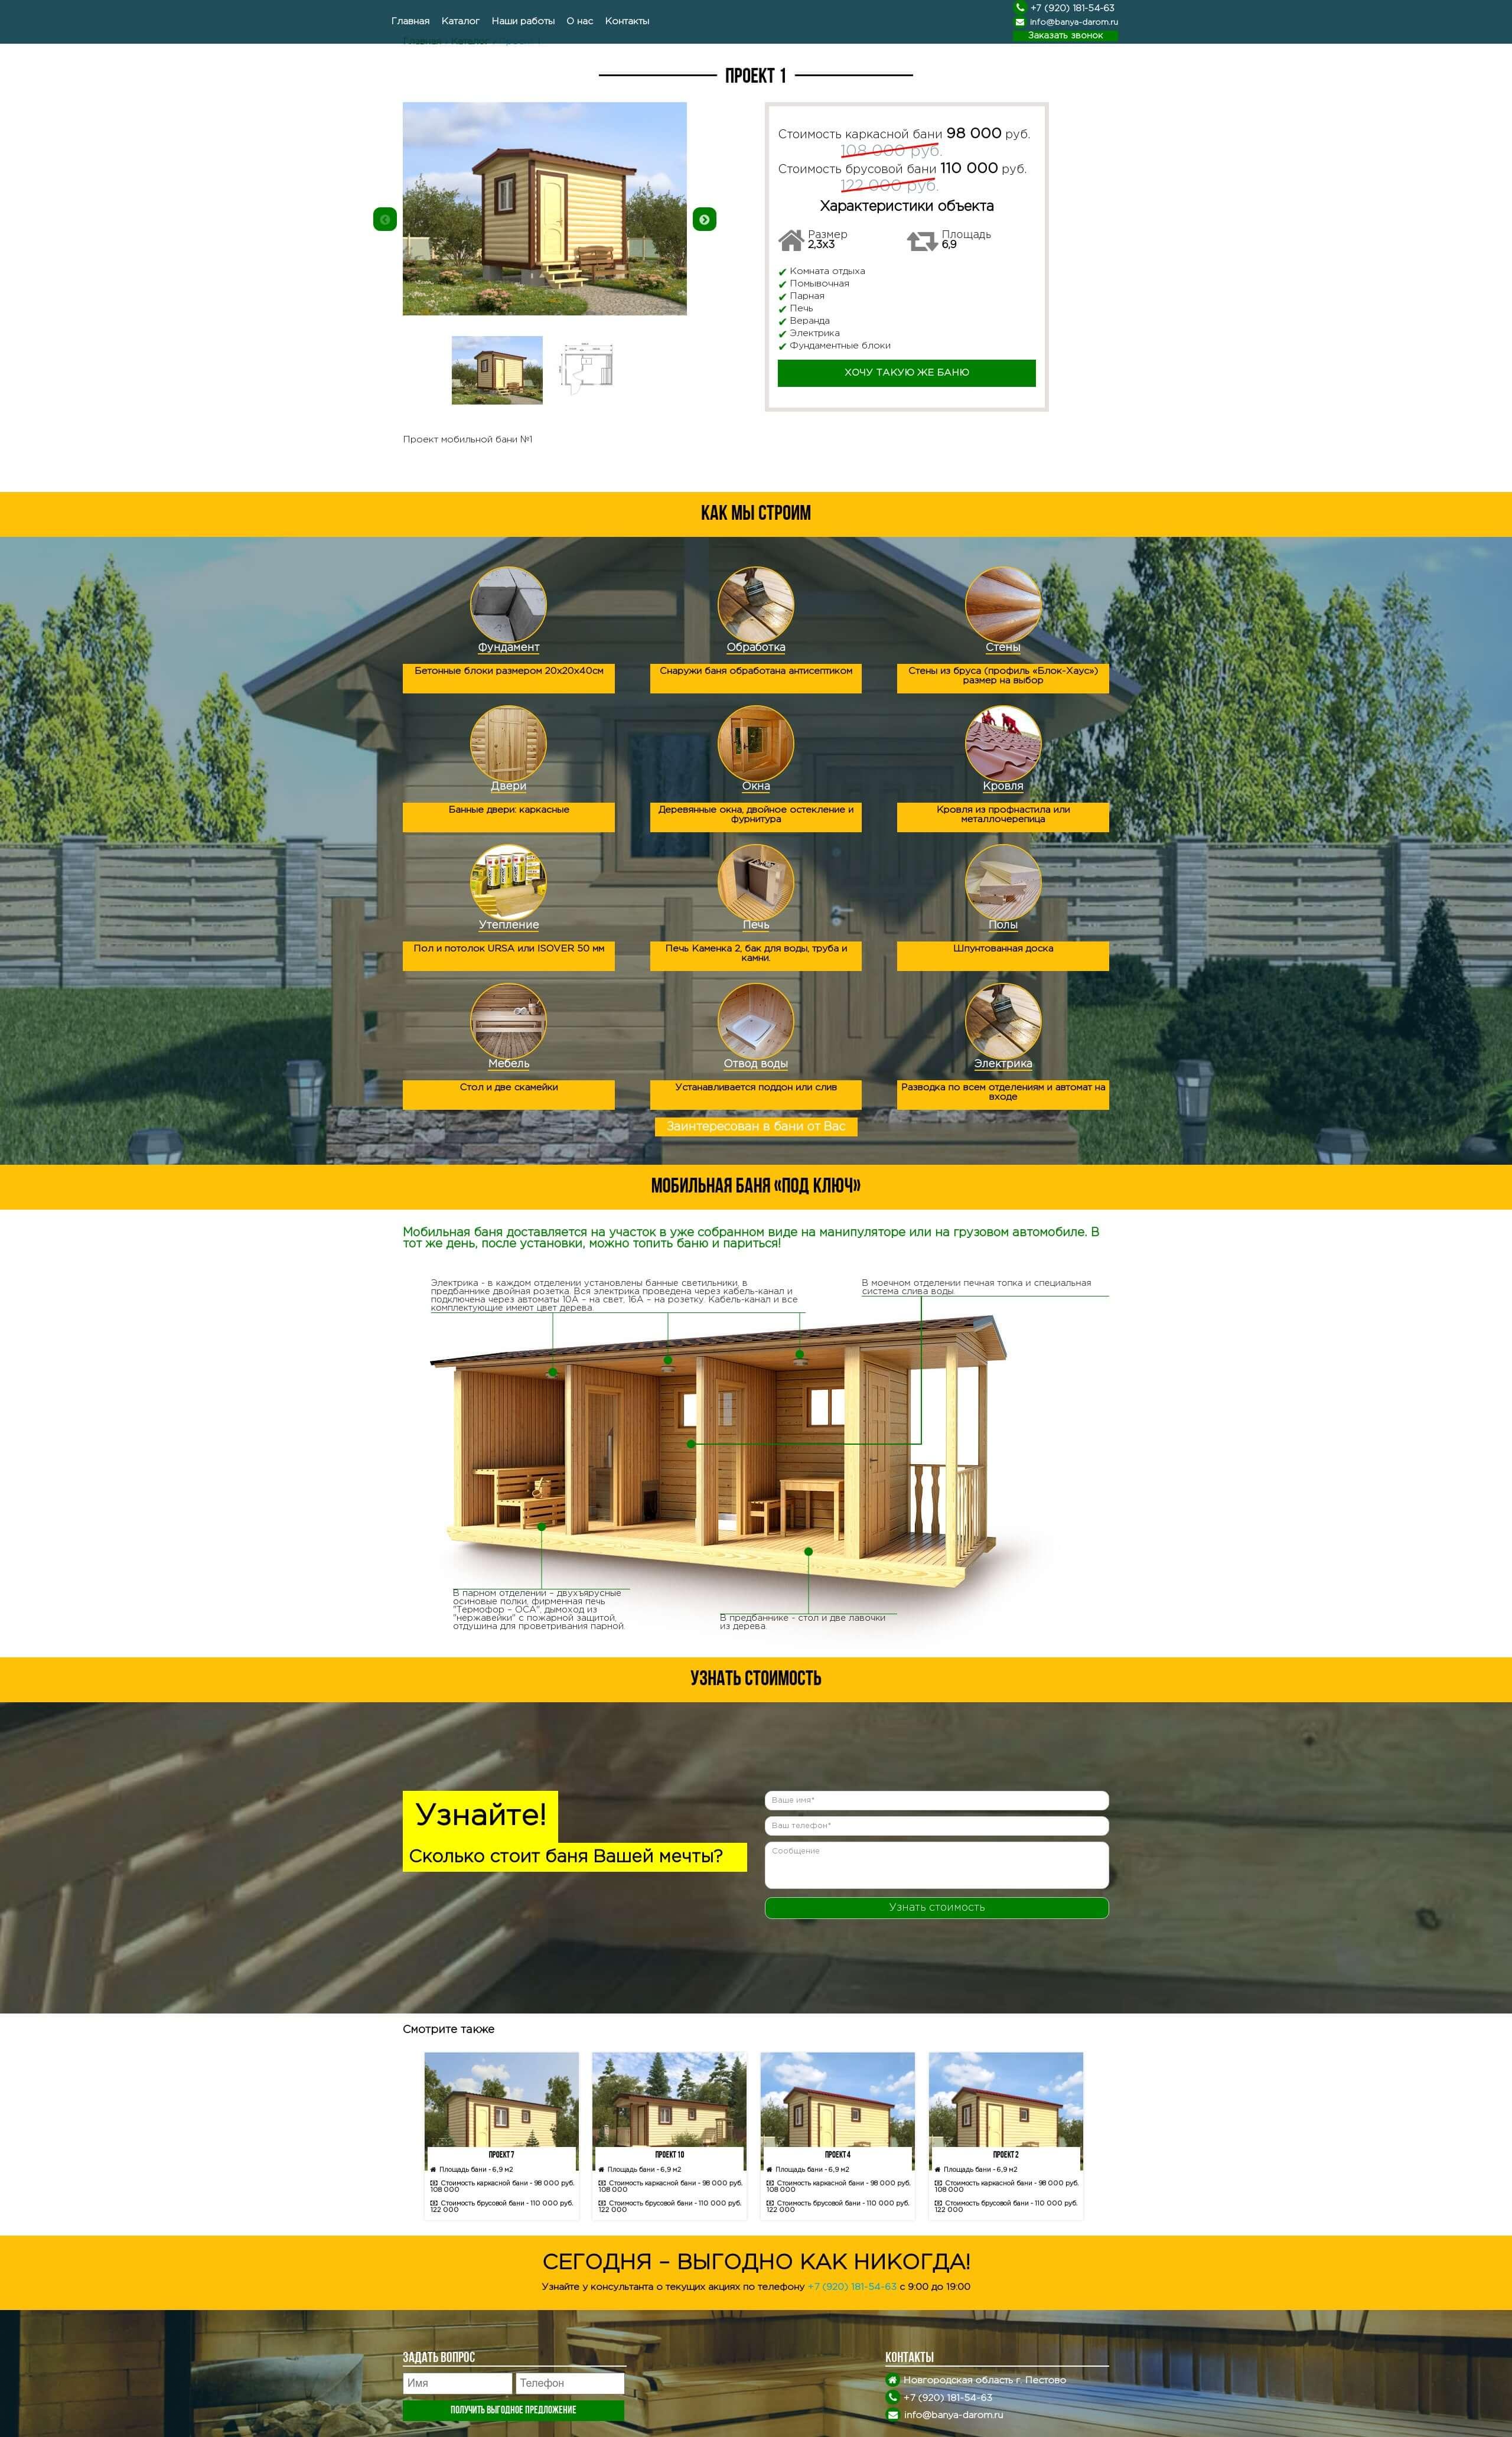 Скриншот №2 страницы сайта во весь экран. Сайт для мобильных бань